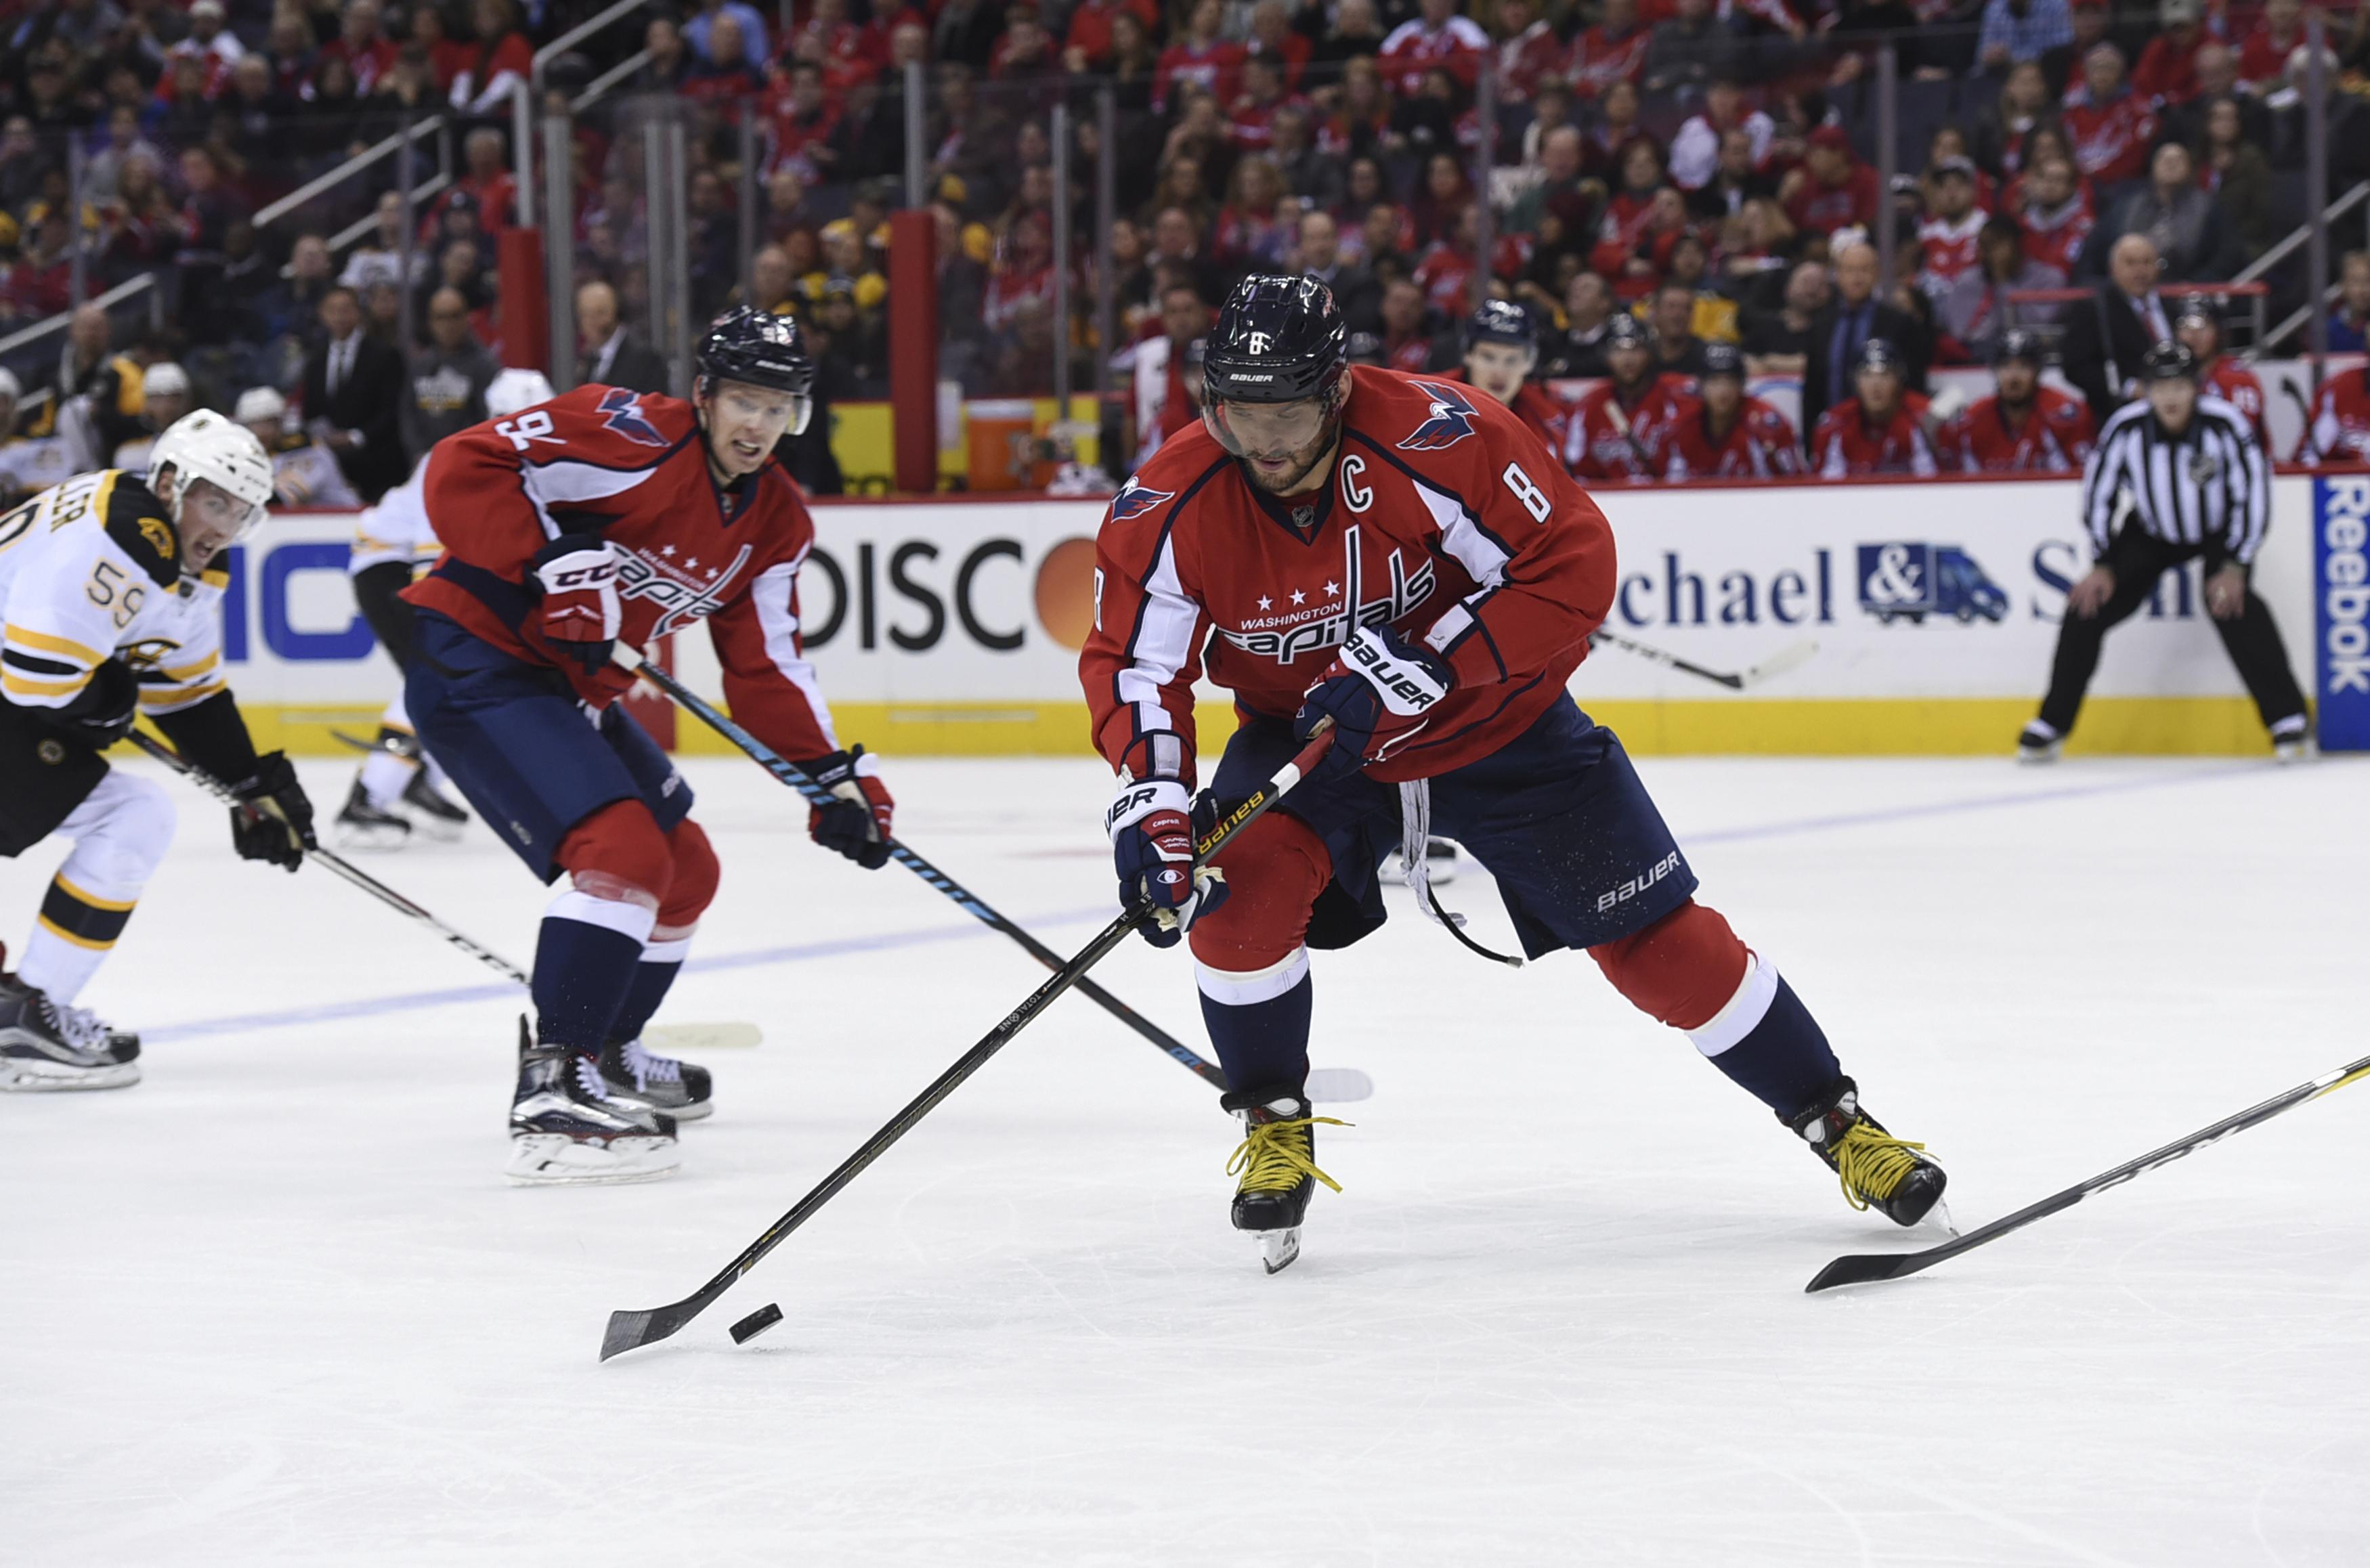 Bruins_capitals_hockey